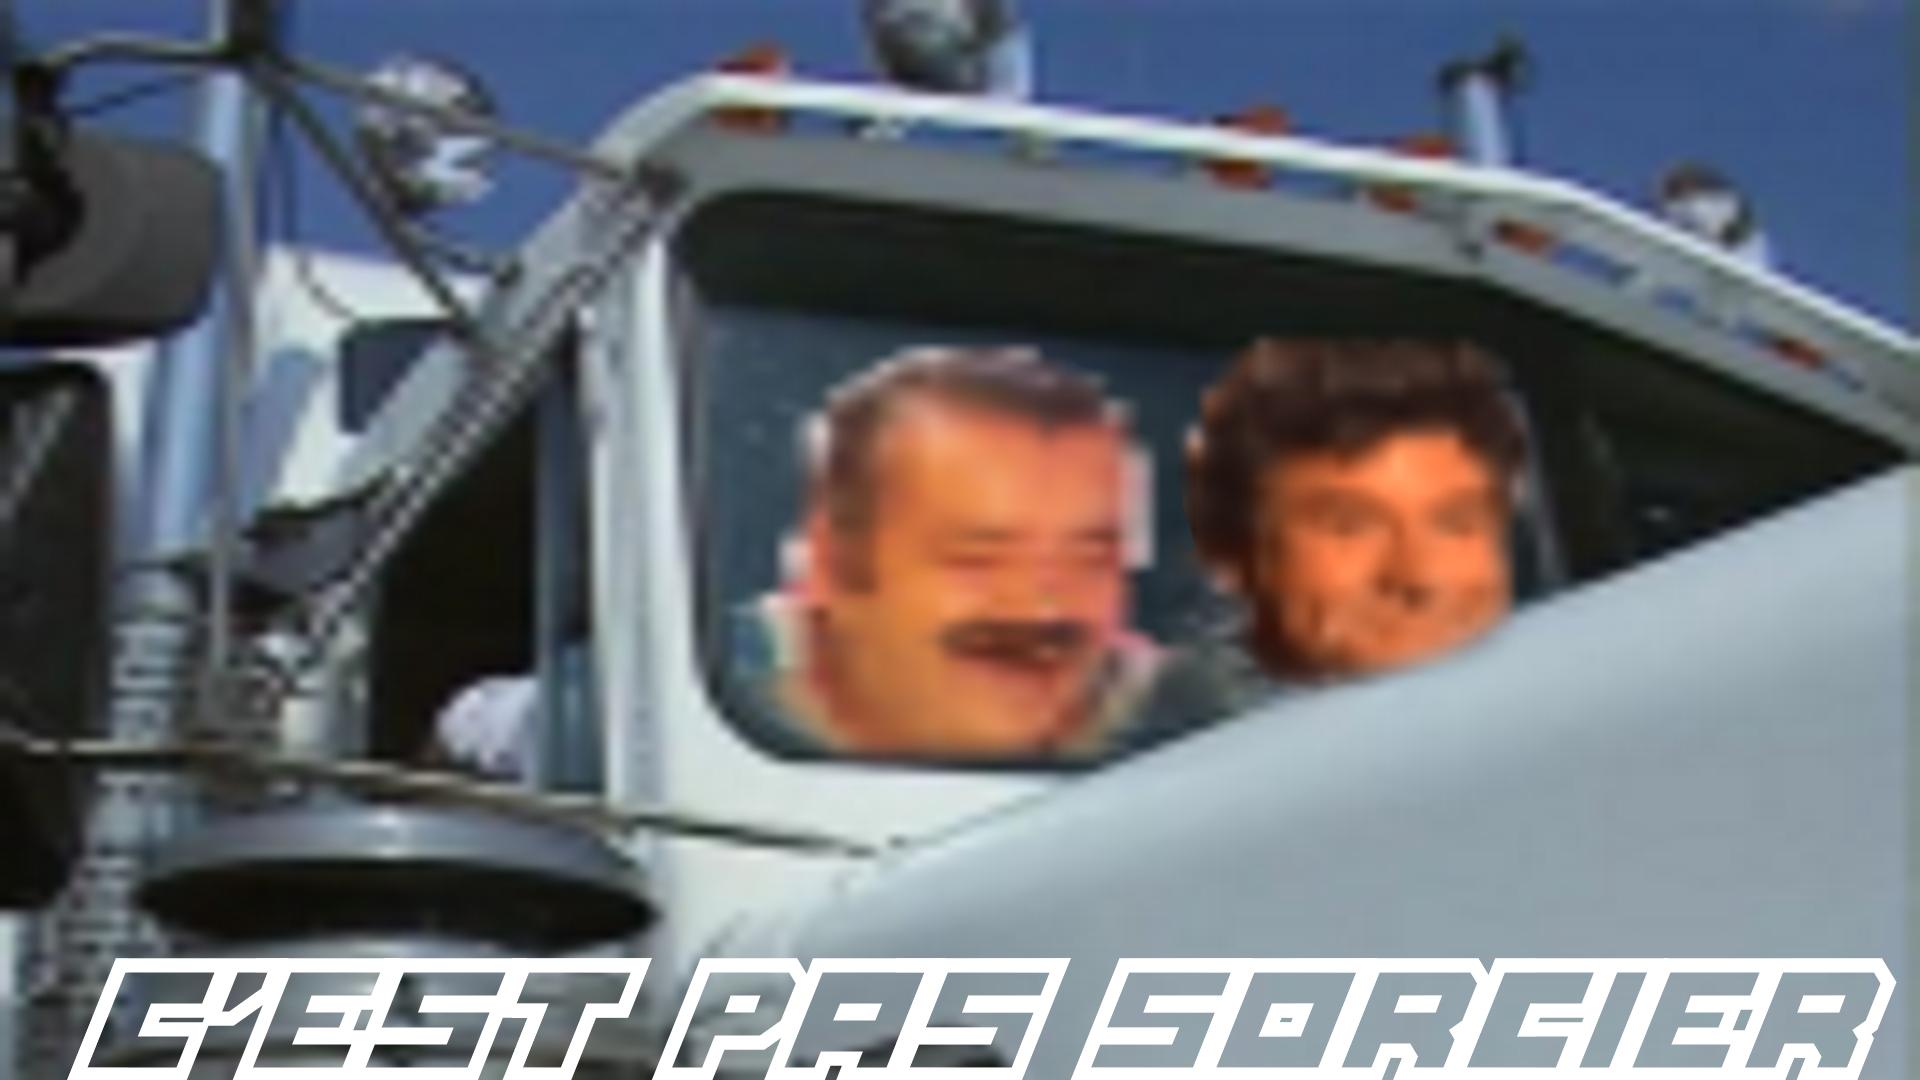 Sticker risitas jesus cest pas sorcier cps camion